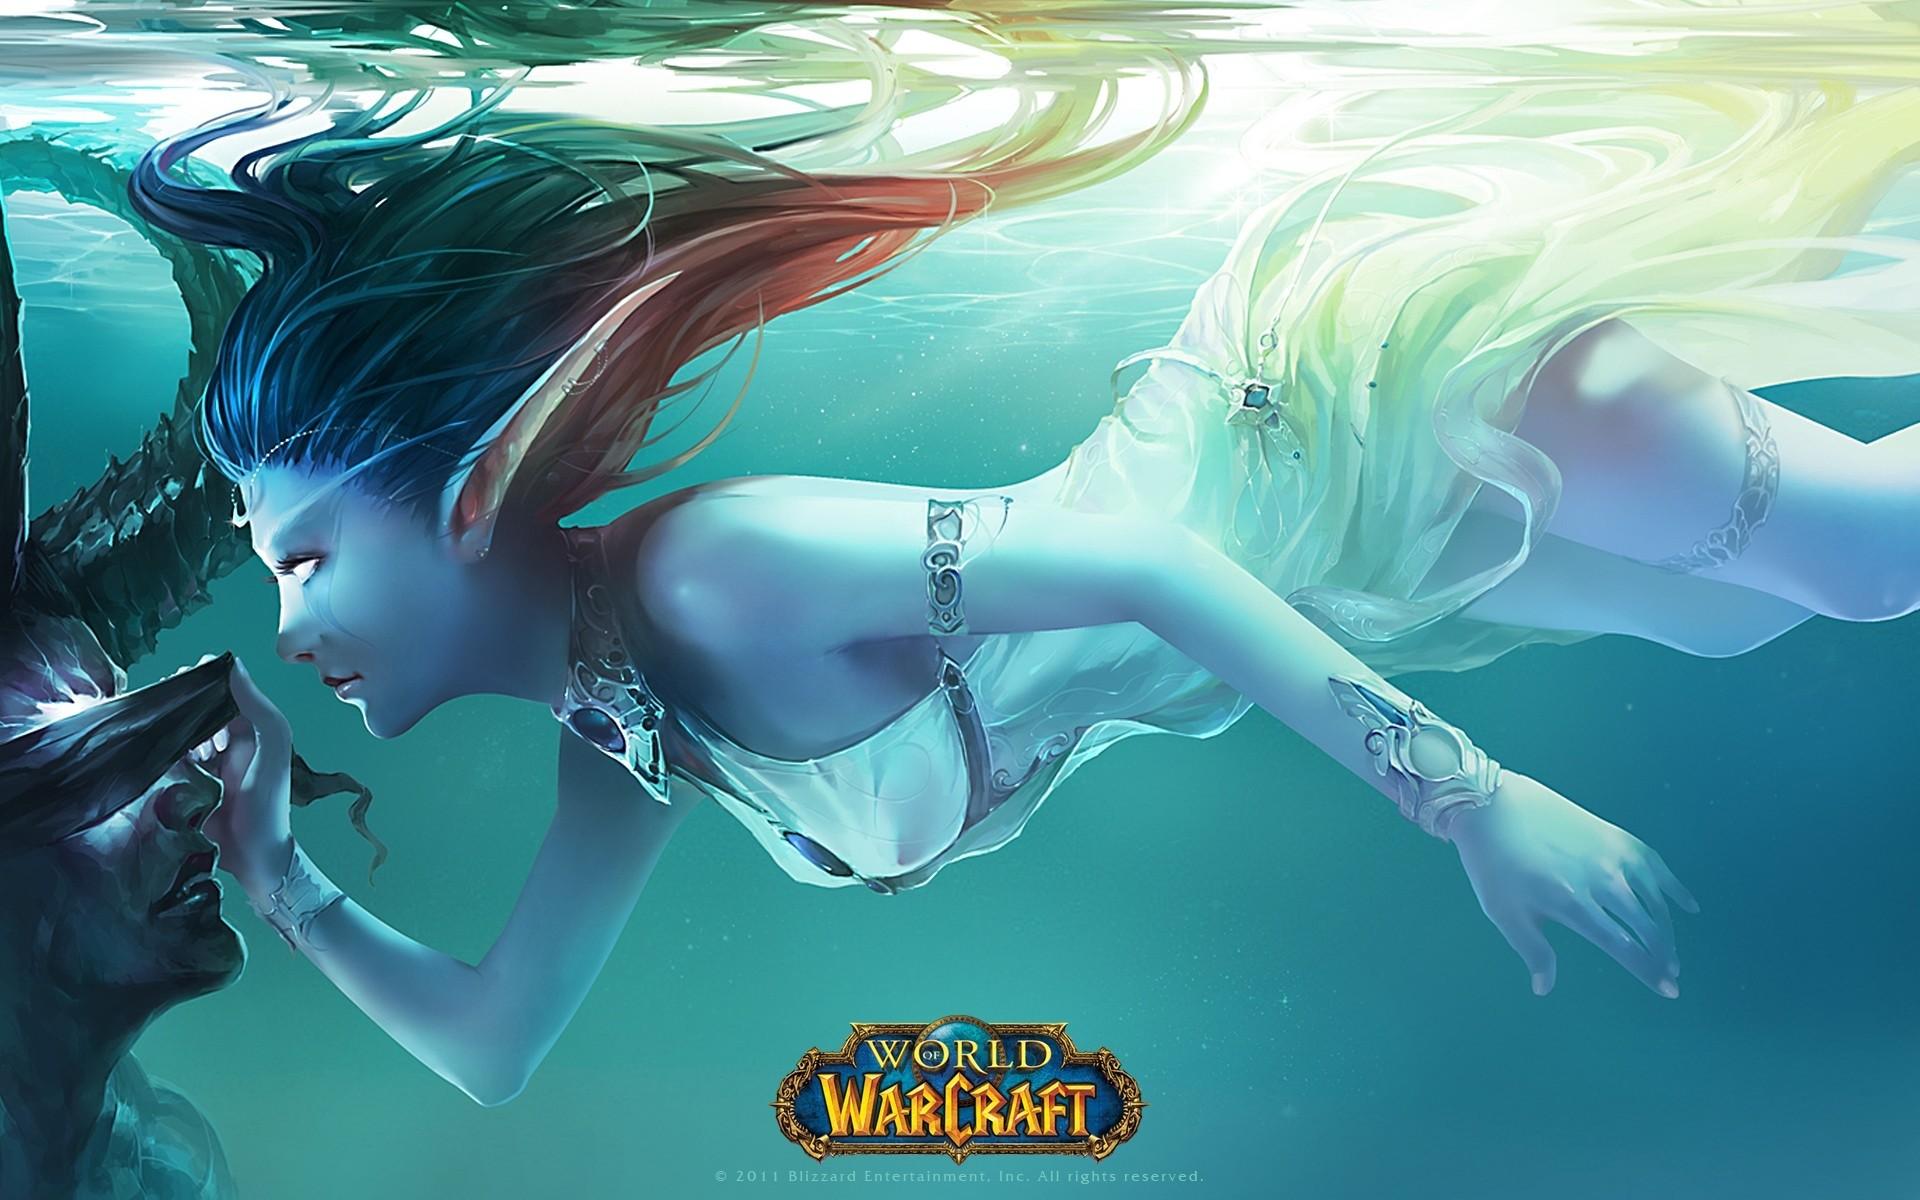 Wallpaper World of warcraft, Fan art, Elf, Girl, Water